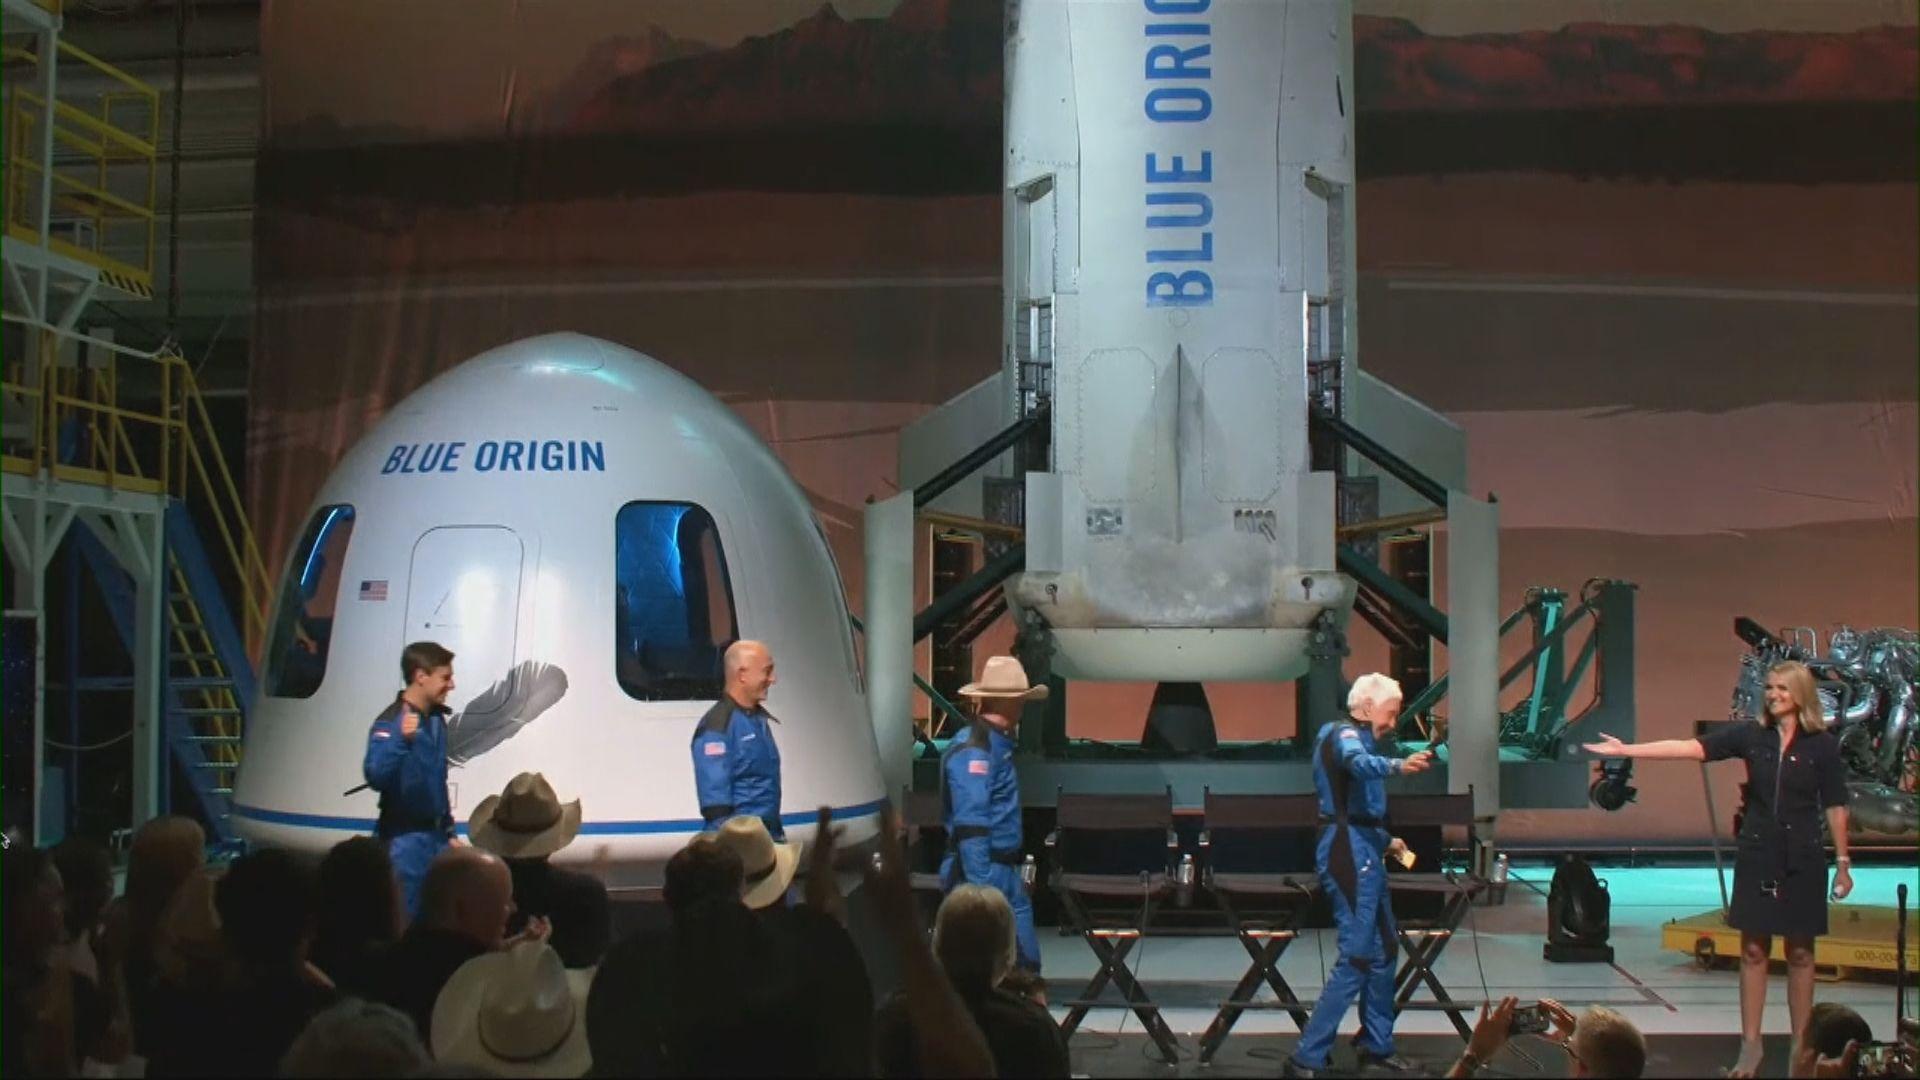 【環球薈報】藍色起源就登月合約外判結果狀告NASA